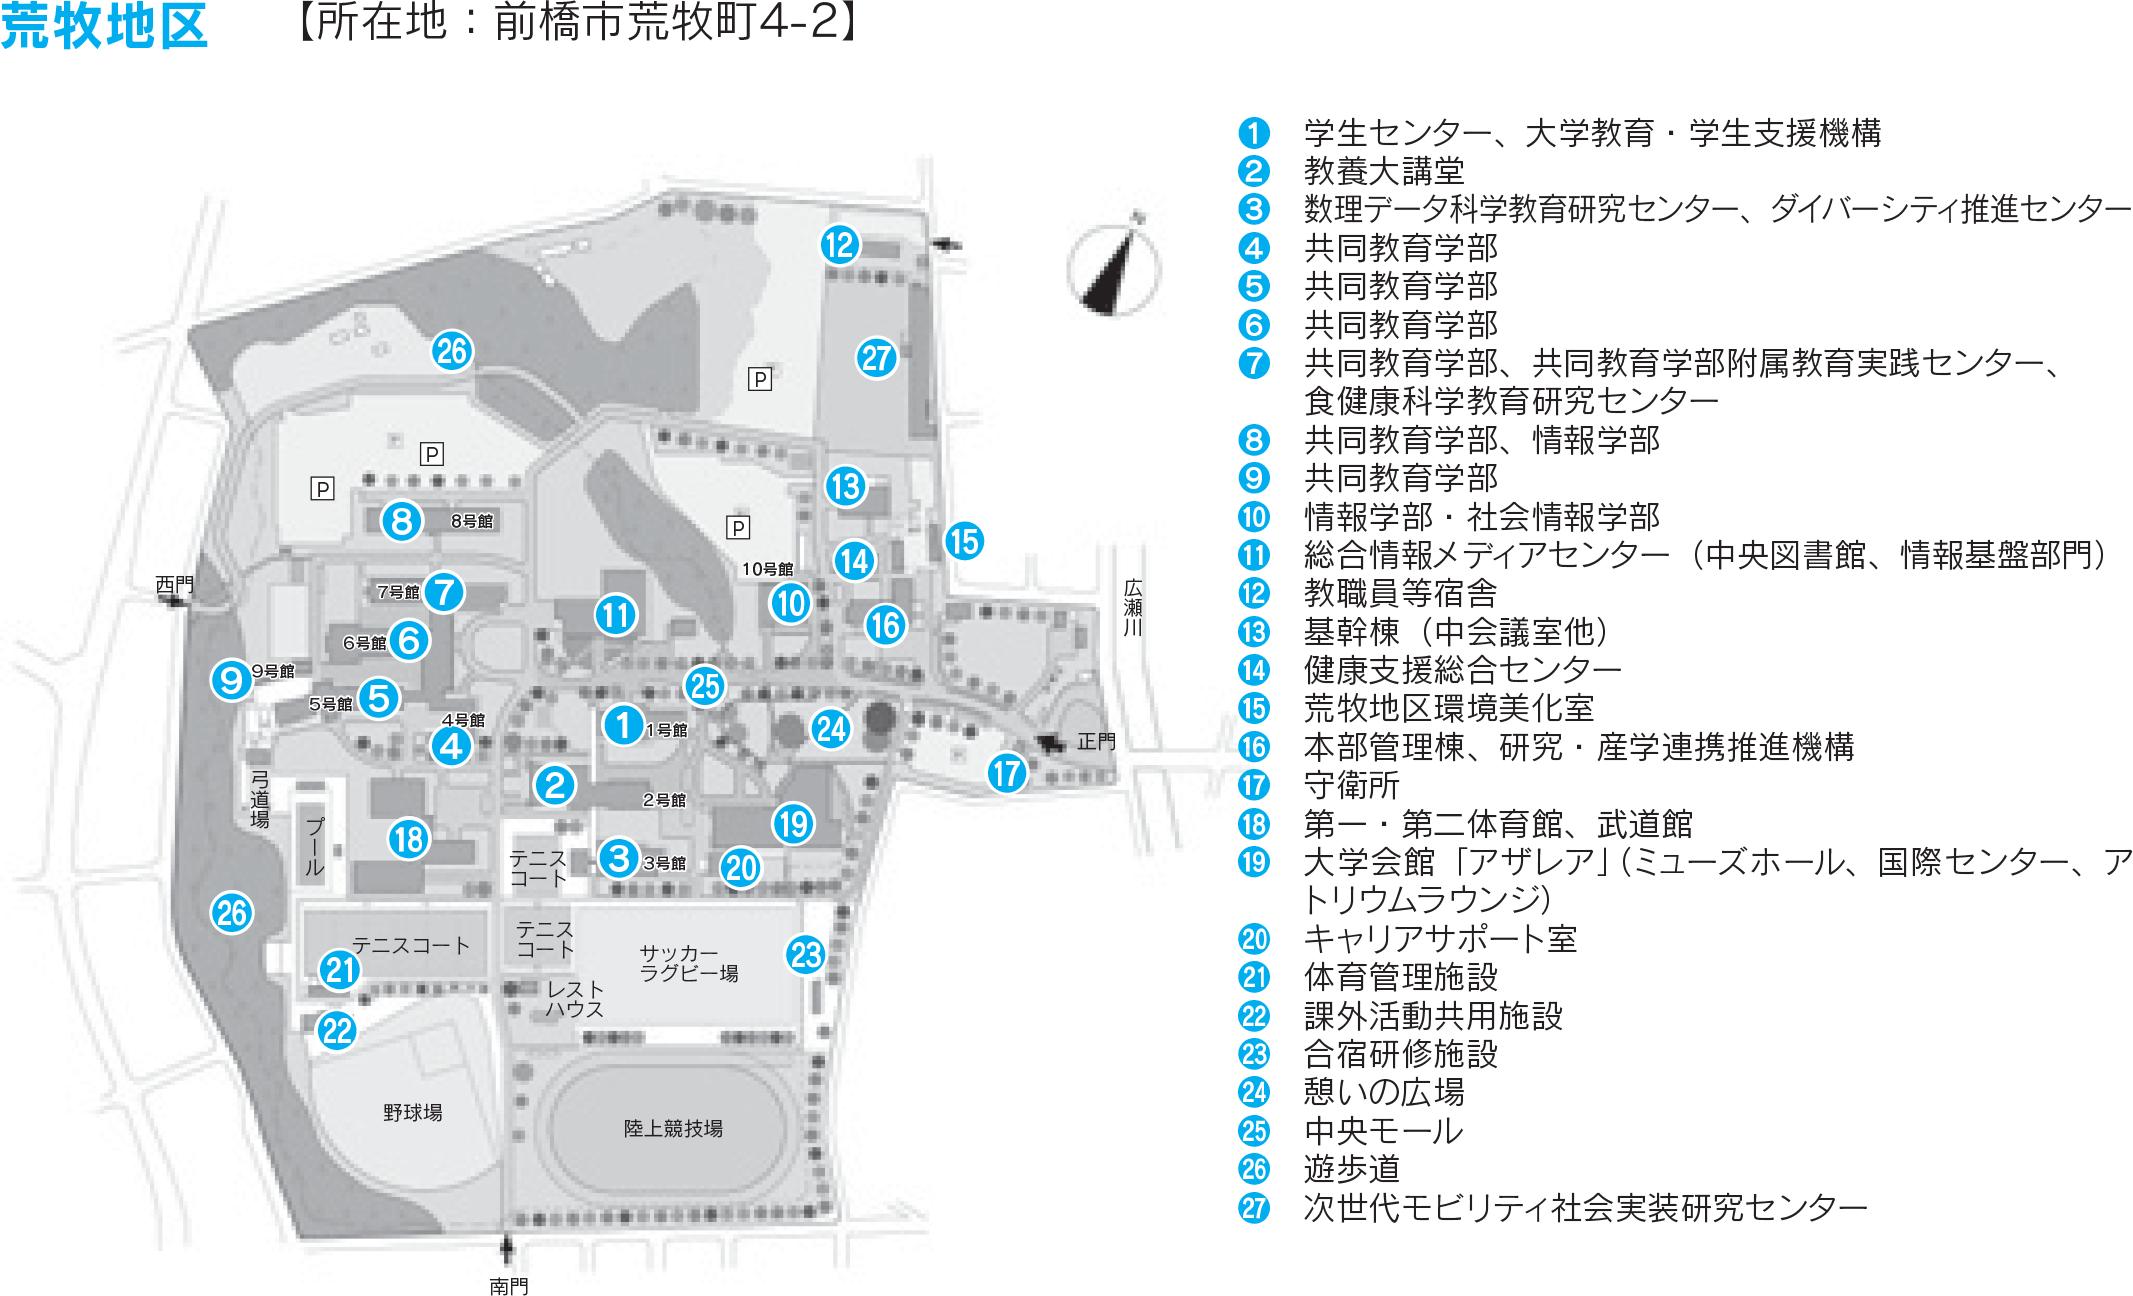 荒牧キャンパス構内図